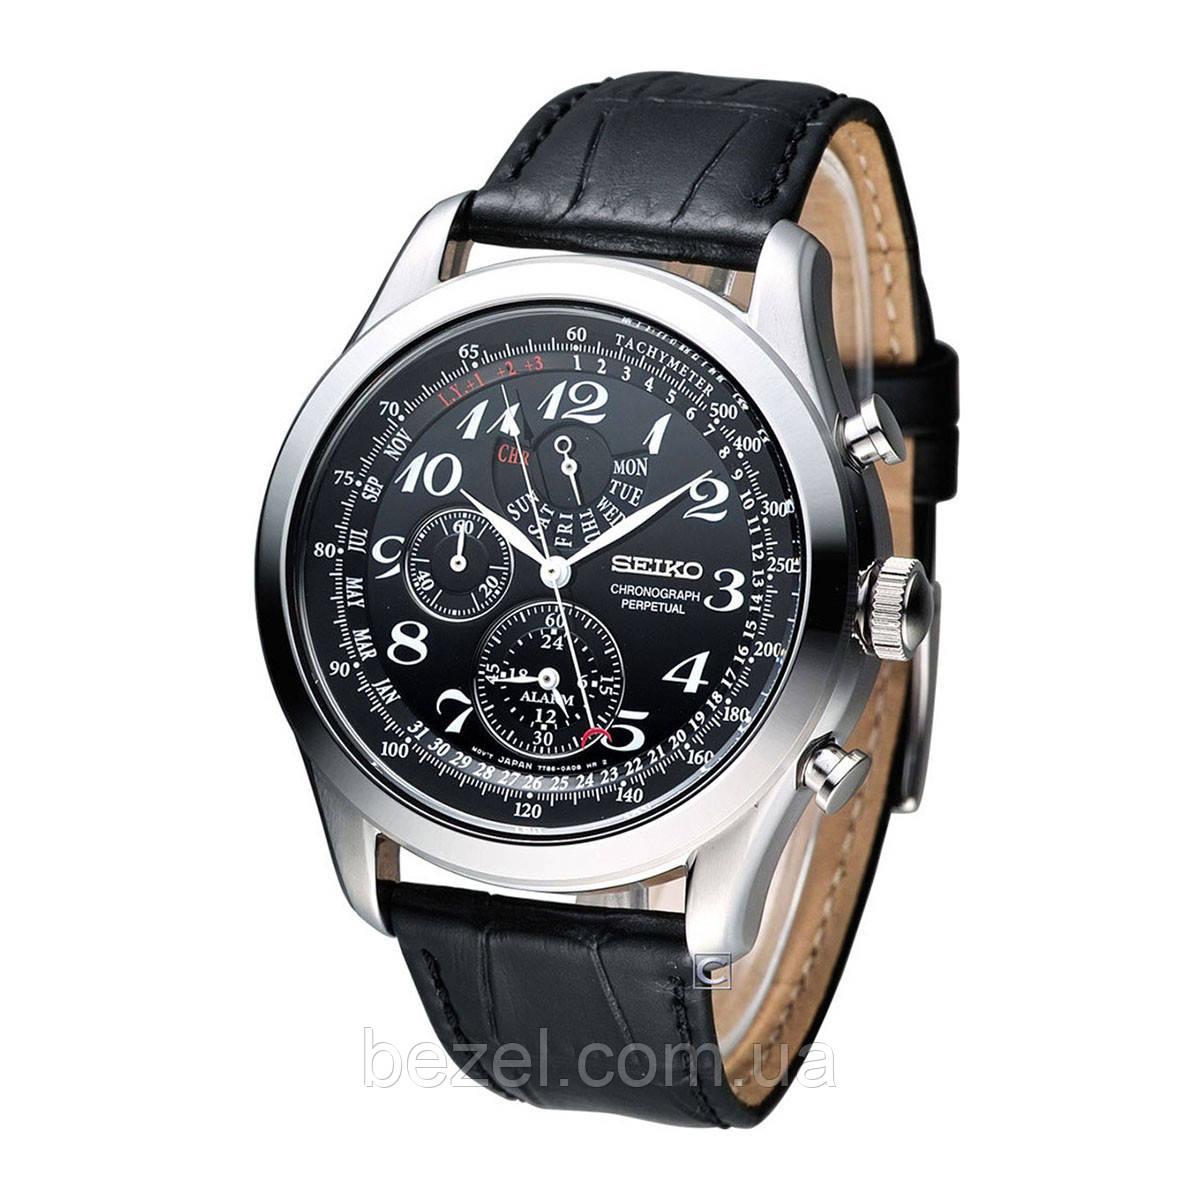 Мужские часы Seiko SPC133P1 хронограф Quartz 7T86